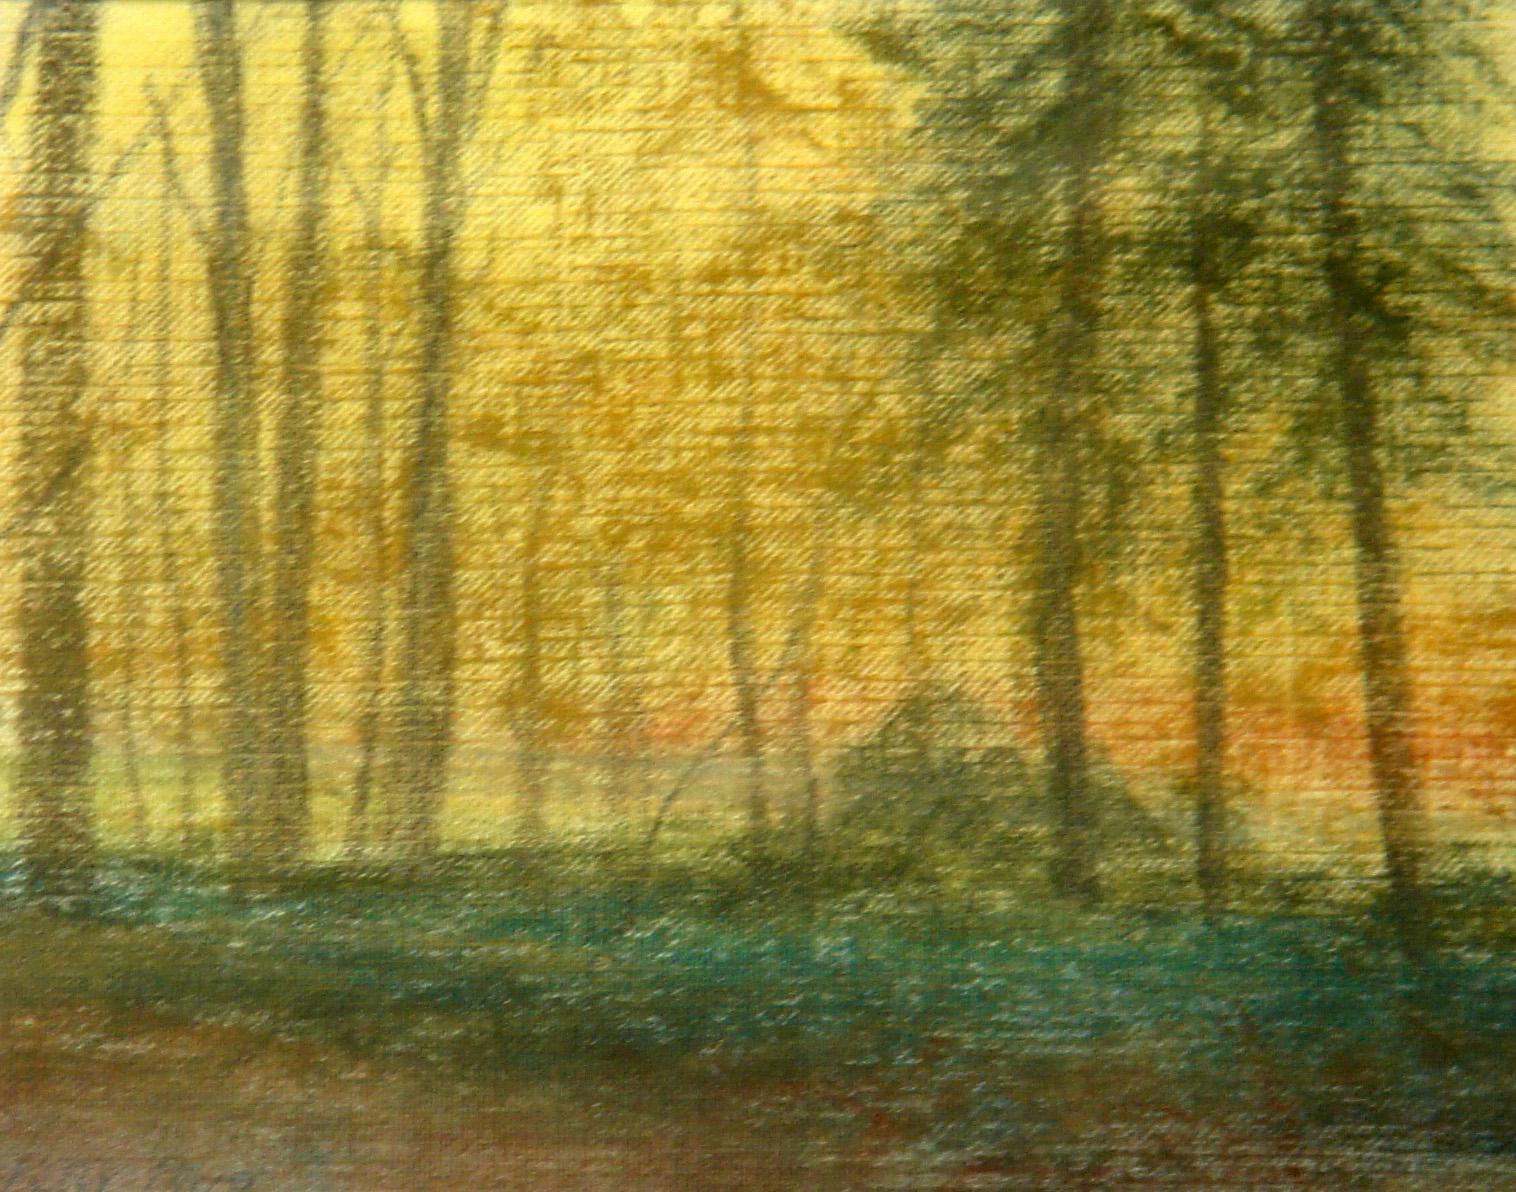 Woodlands, autumn, Forges les Eaux, Normandy